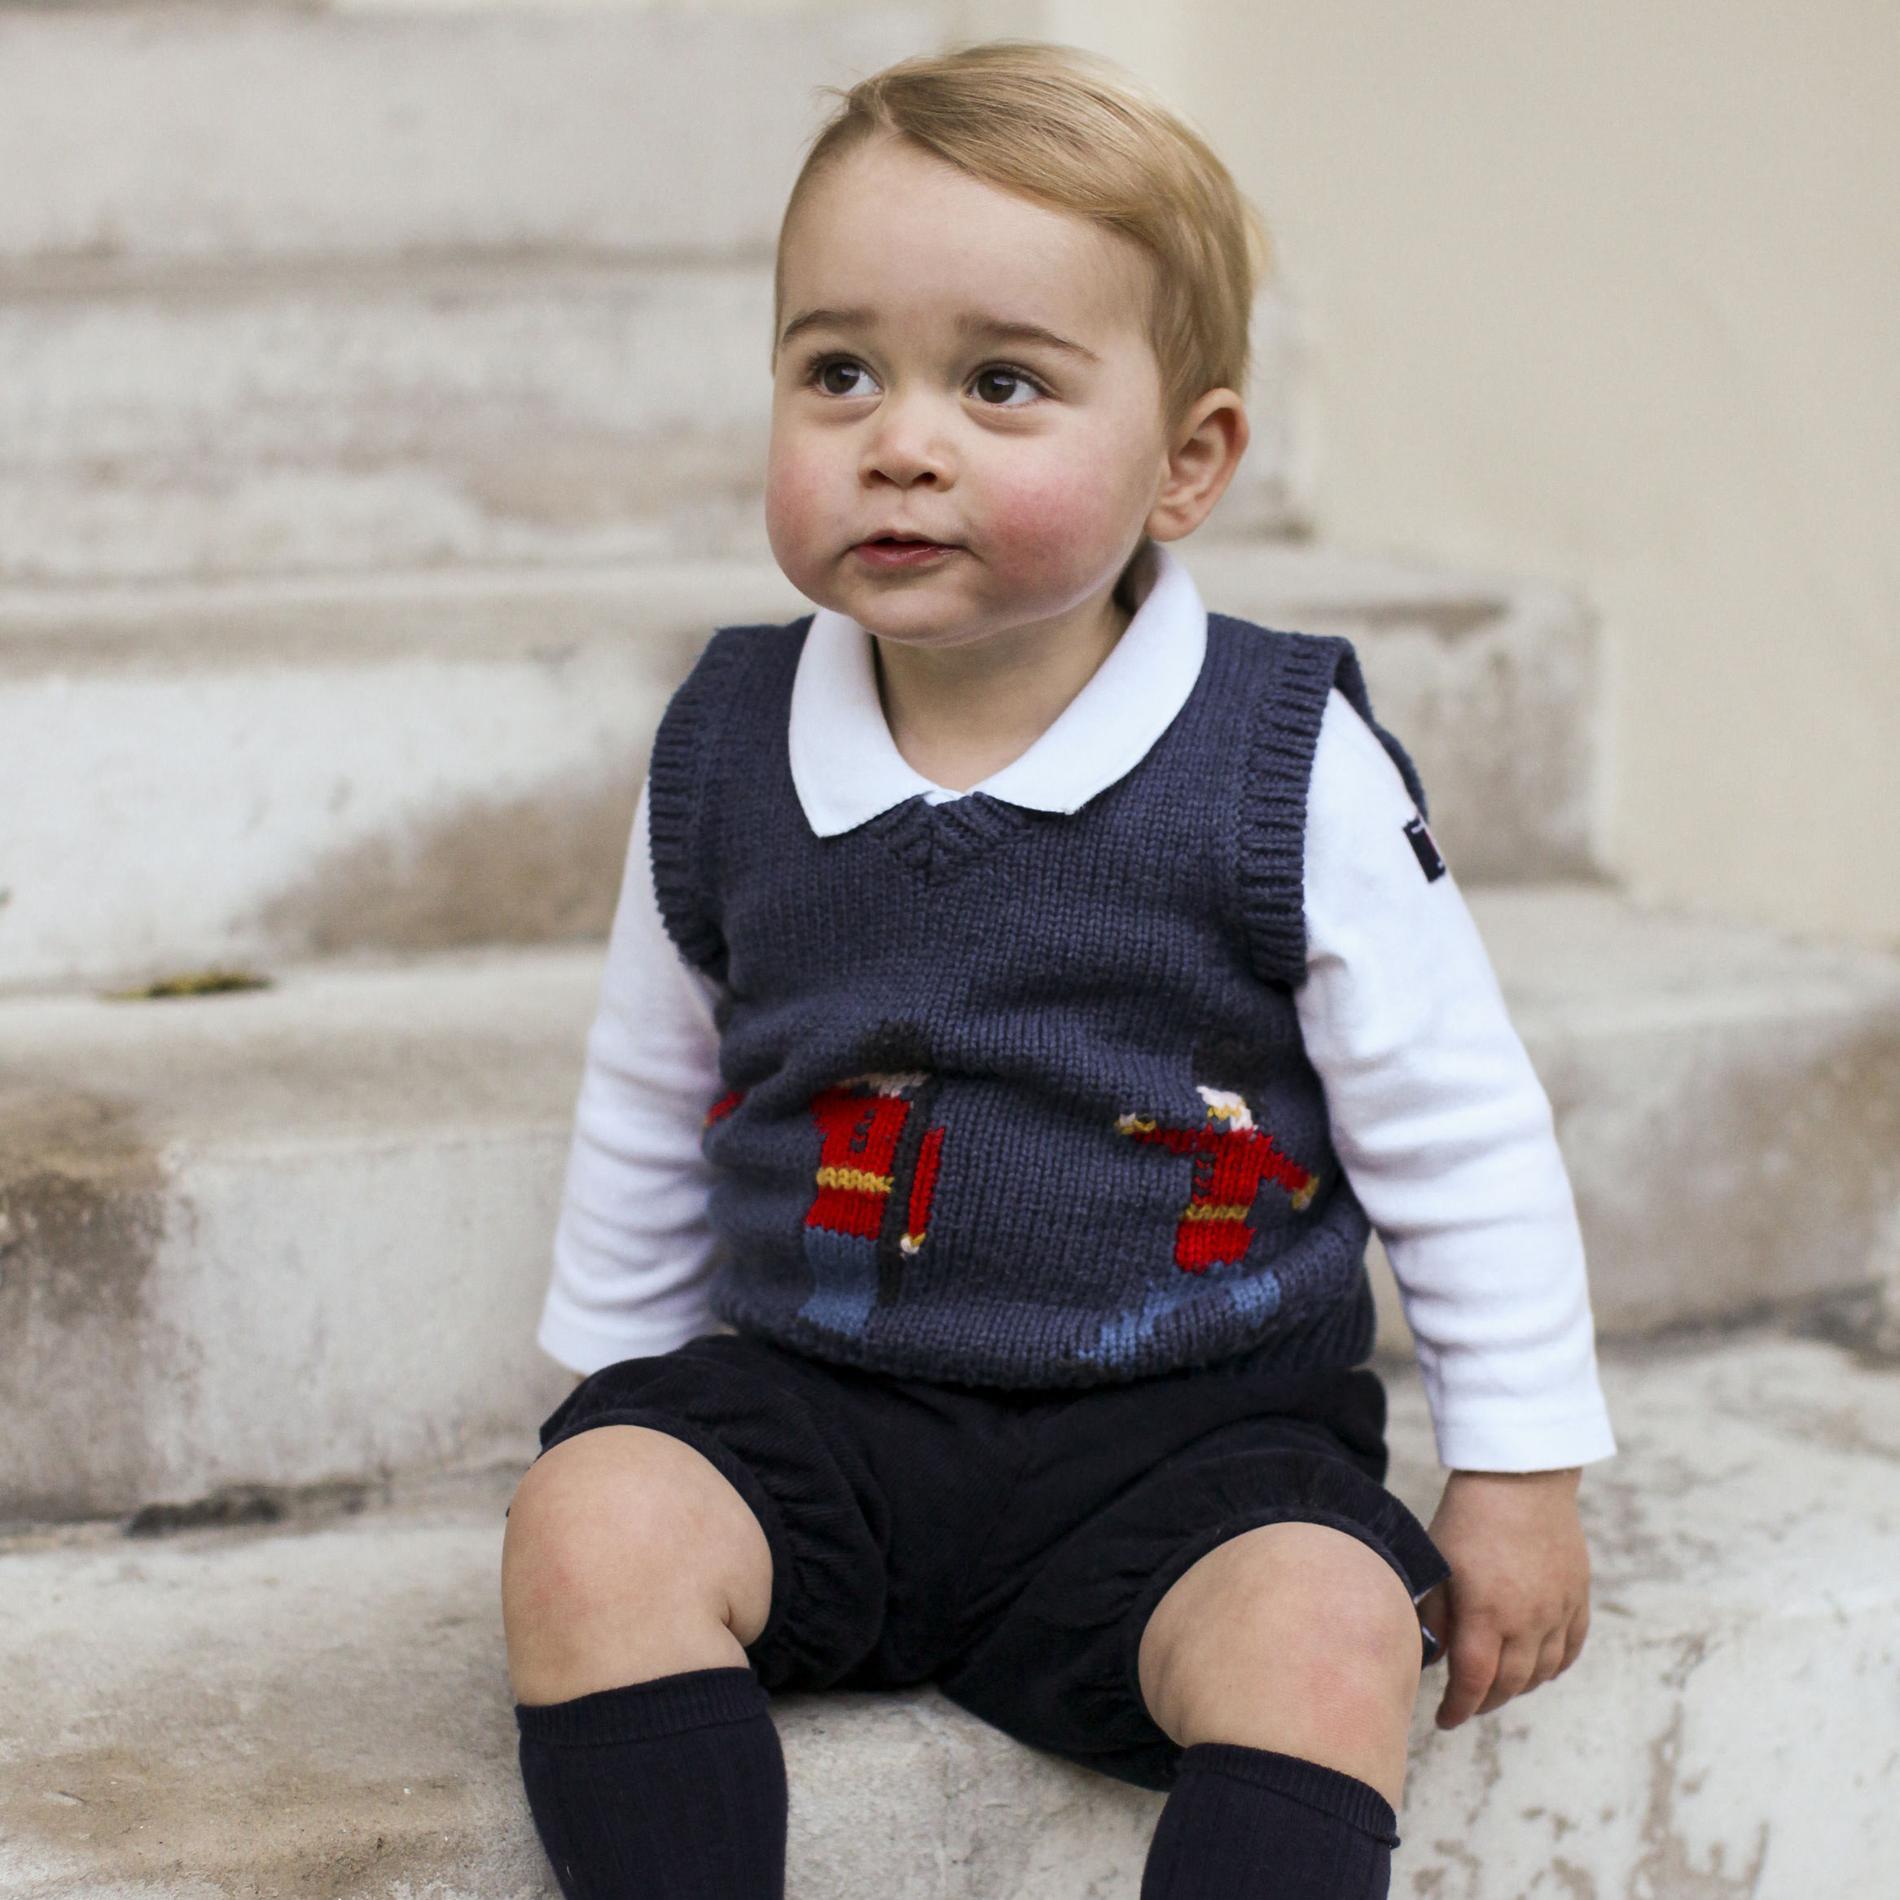 L'évolution stylistique du prince George